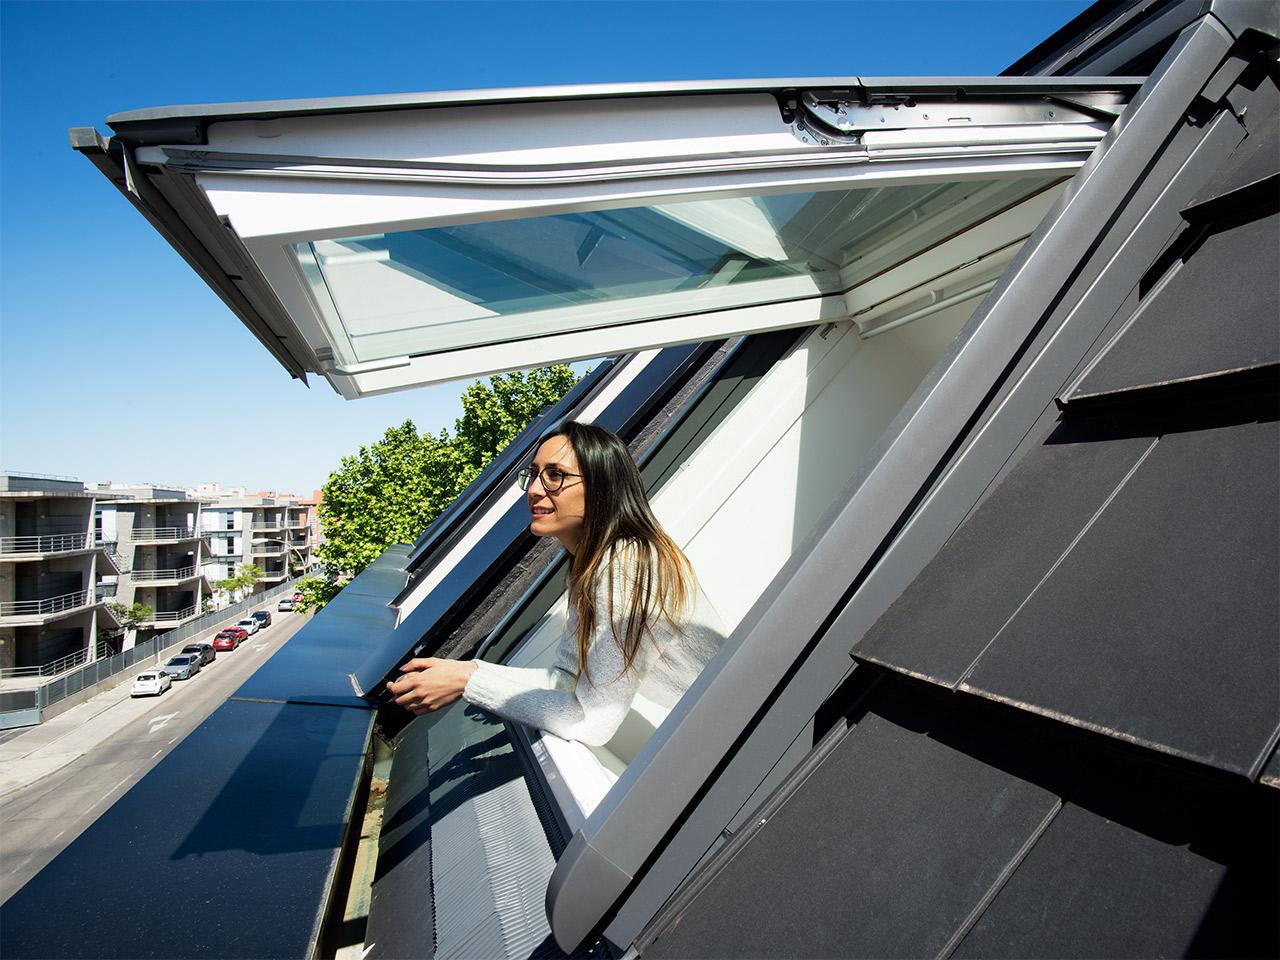 velux-klappschwingfenster-gpu-frau-aussicht-1280x960